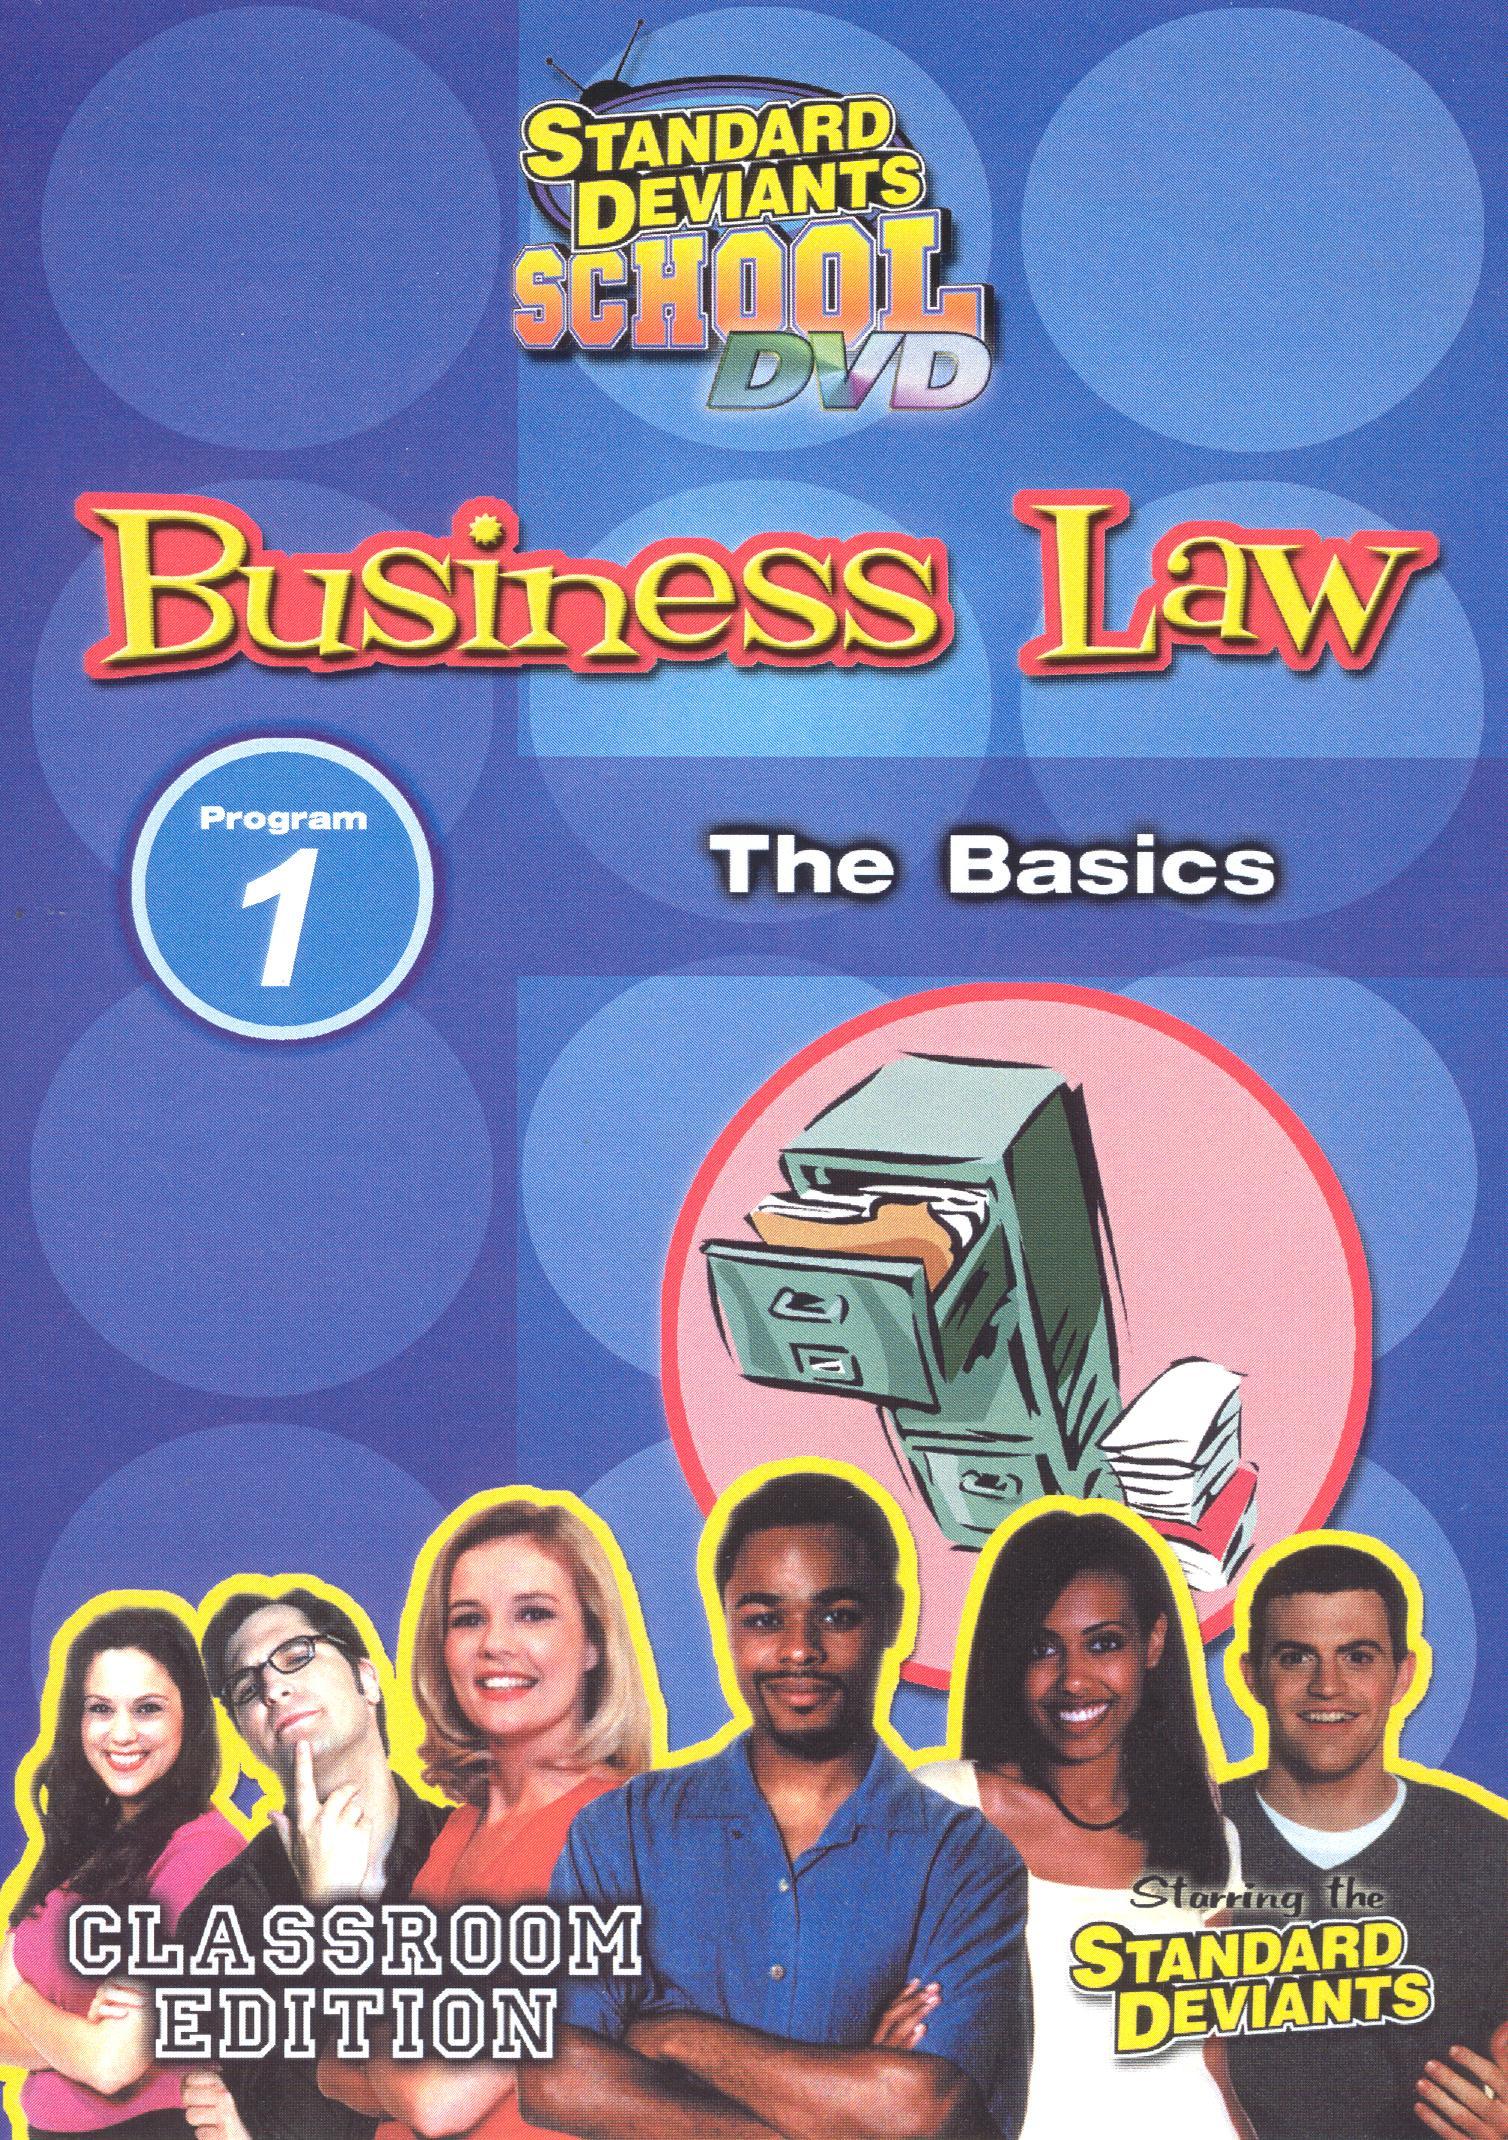 Standard Deviants School: Business Law, Program 1